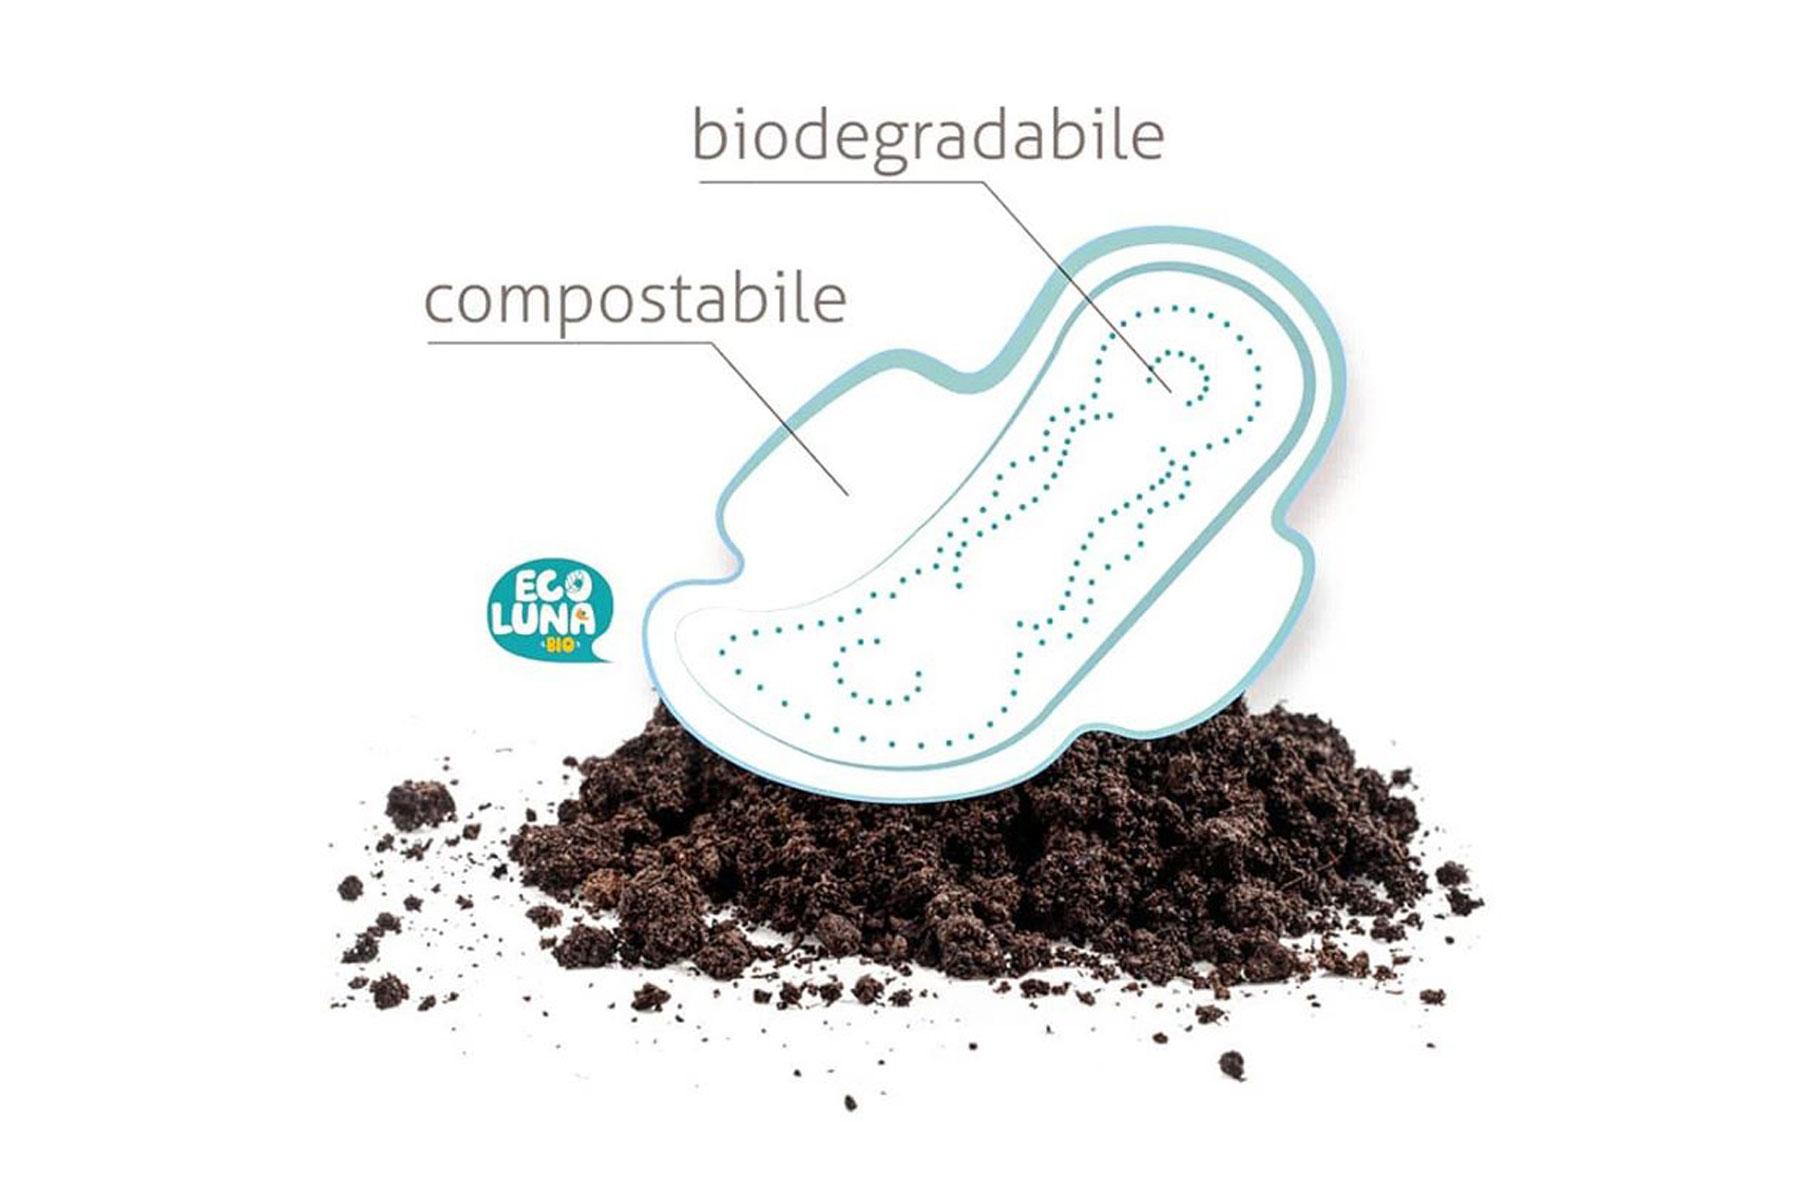 Assorbenti compostabili usa e getta? Facciamo chiarezza